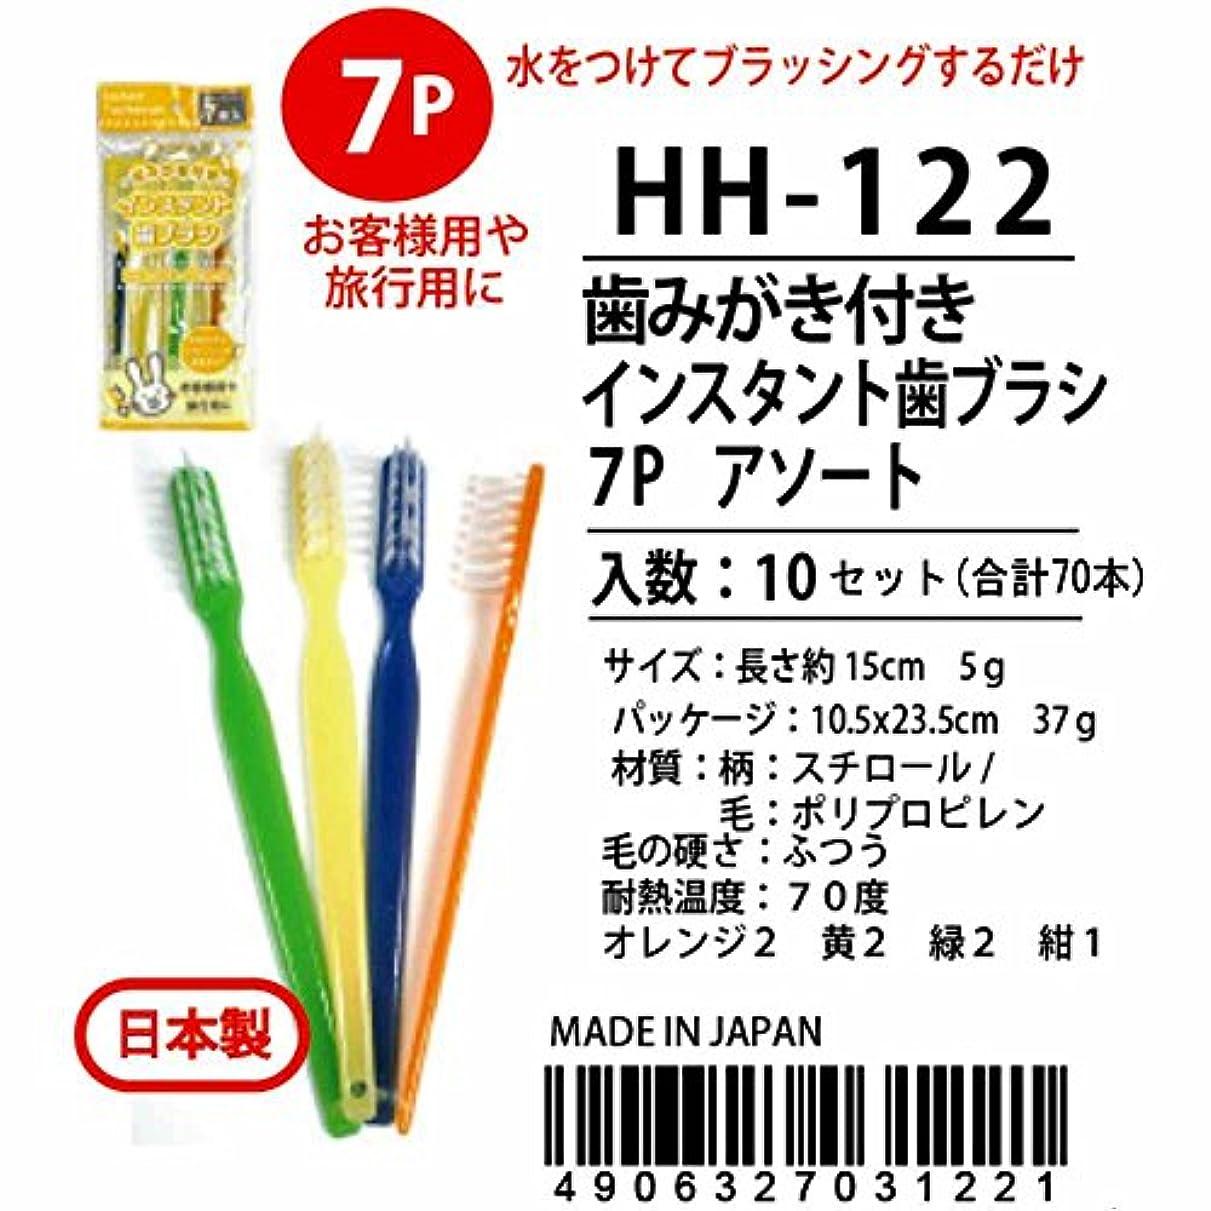 億苦い状態スバル 歯みがき付きインスタント歯ブラシ7P アソート HH-122 【まとめ買い10個セット】